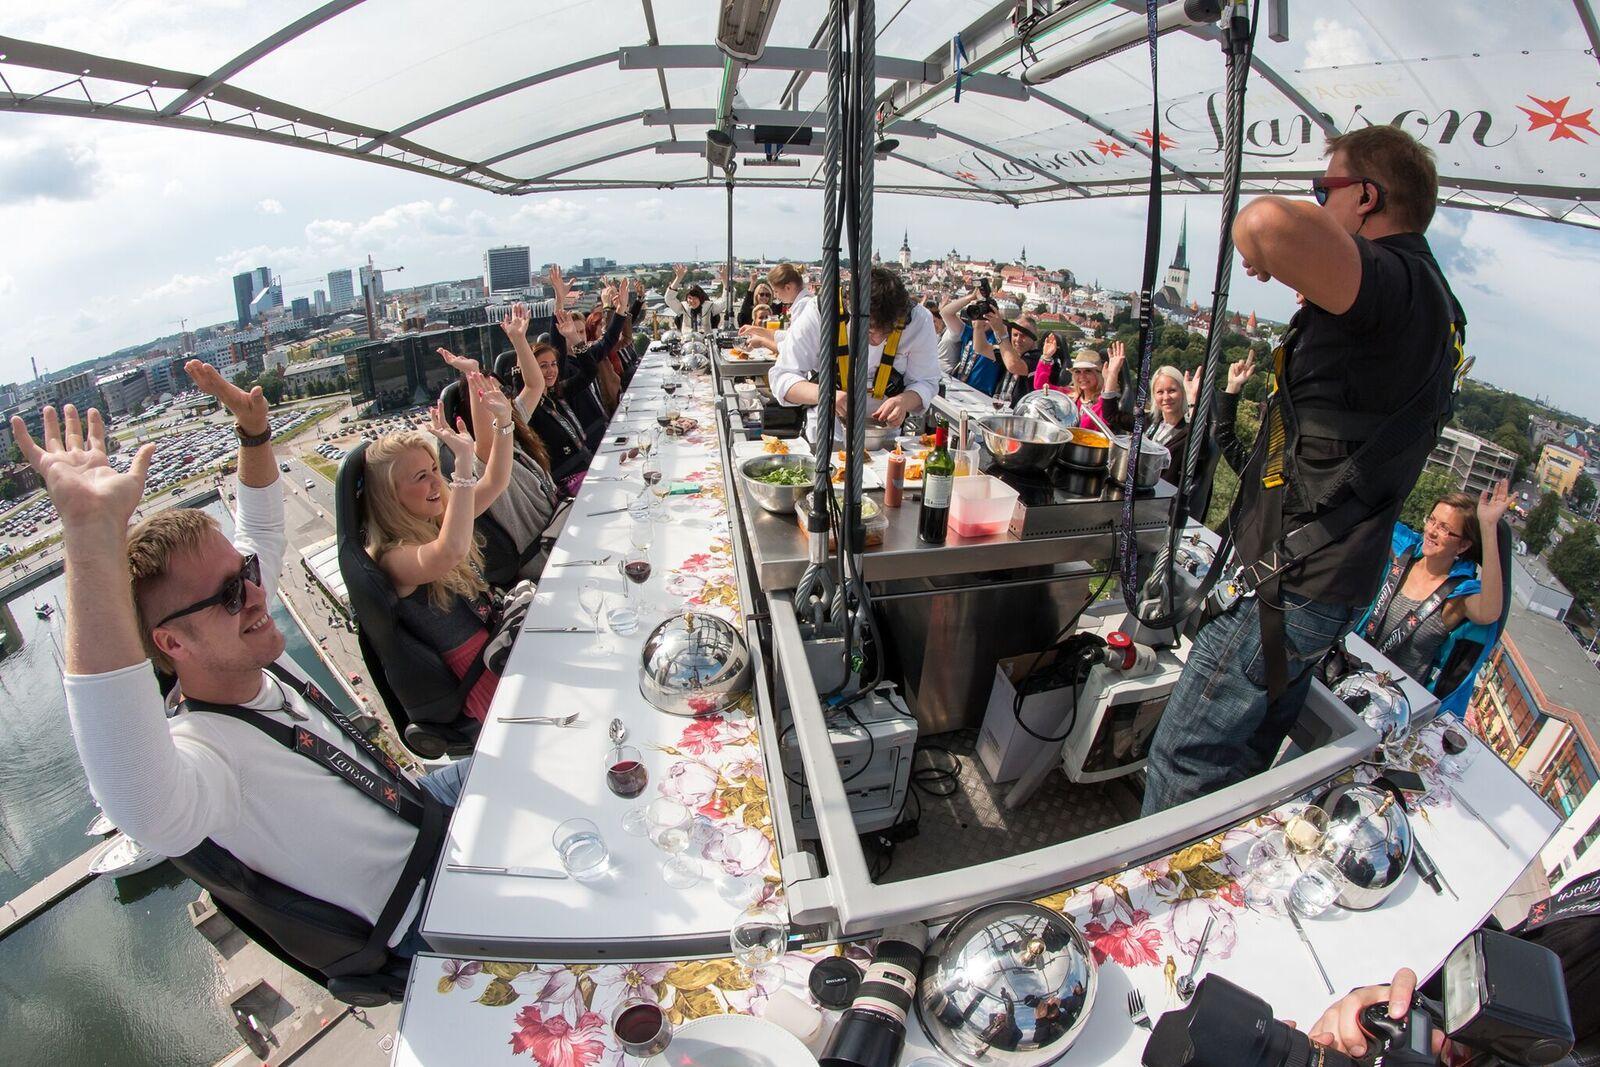 VIDEO! Laupäeval alustaval Dinner in the Sky'l esinevad Mick Pedaja, Tõnu Timm ja Anett Kulbin